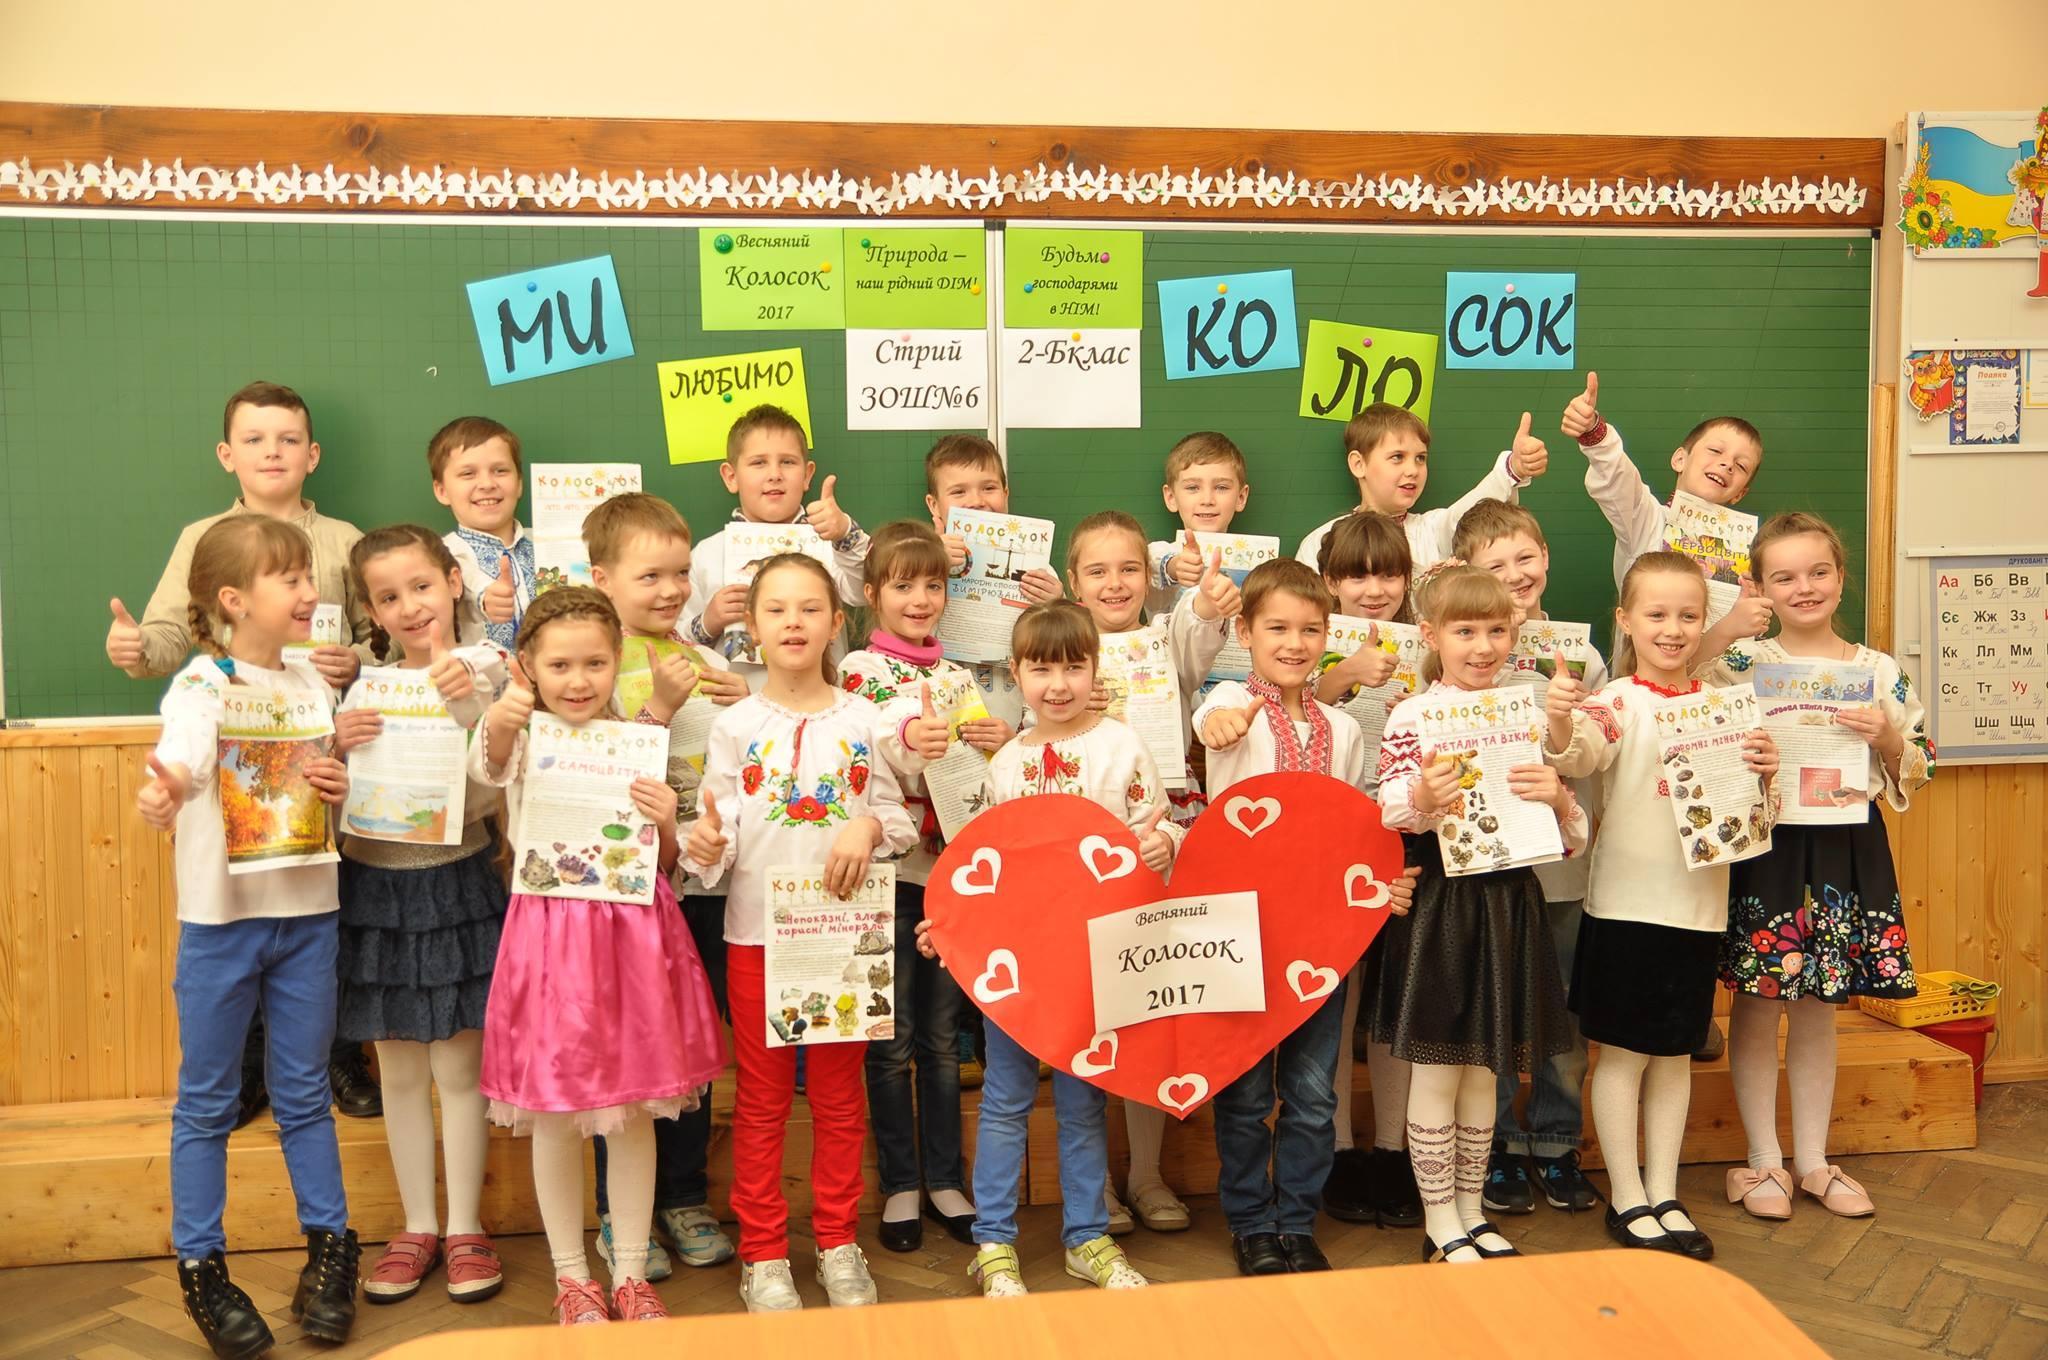 МИ любимо КОЛОСОК - 2-Б клас, м. Стрий